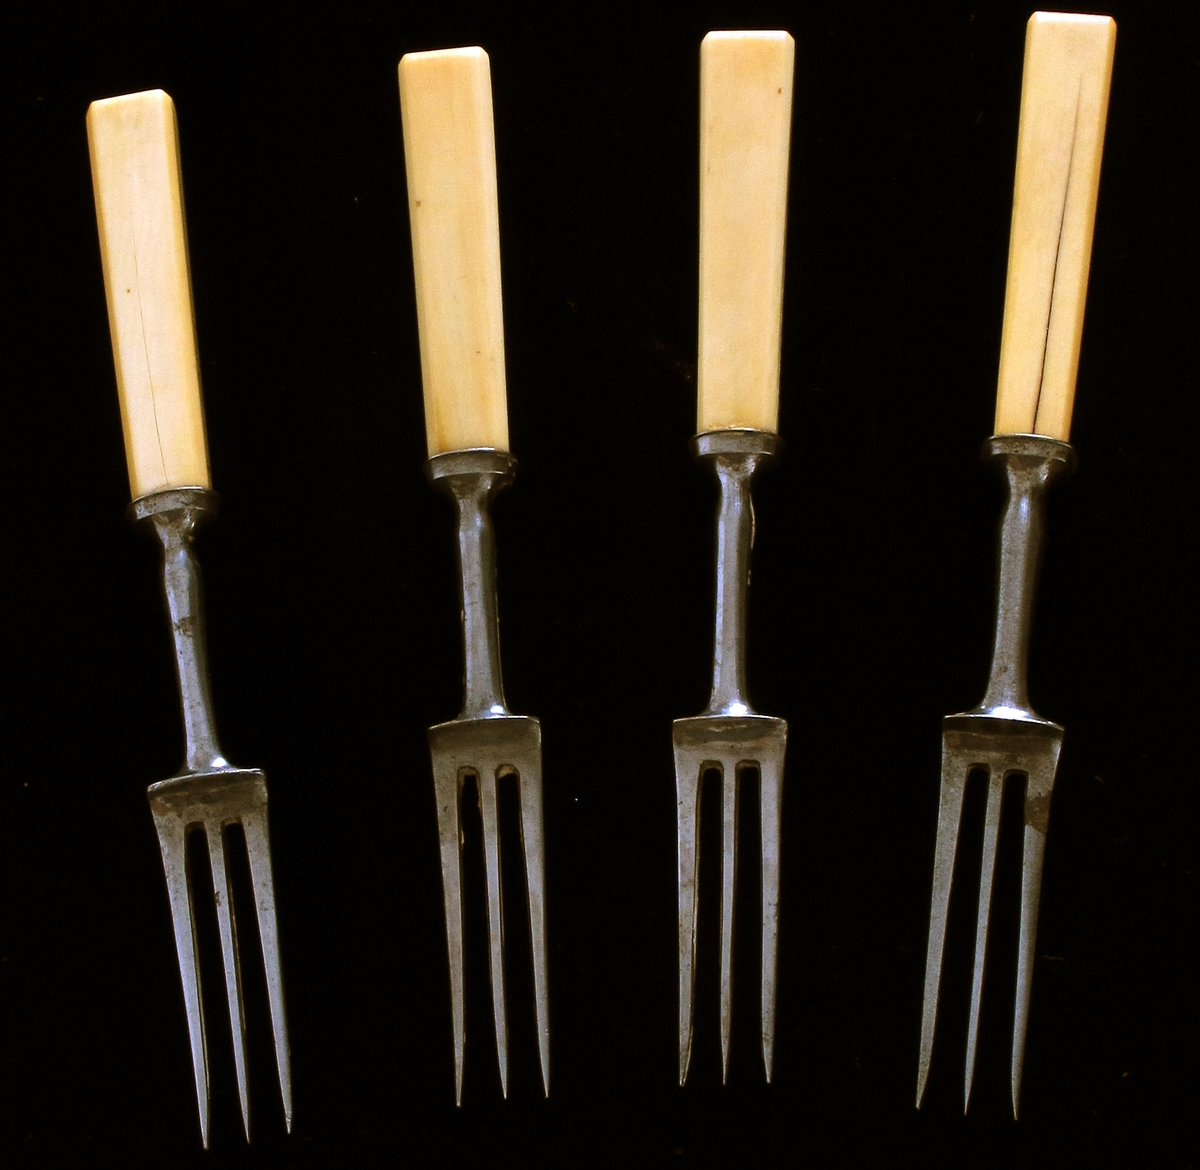 Gafler,  4 stk. Stål  med   ben  skaft.  Tretinnet, fortsetter i smalt stålskaft,  rundt. Benskaft med rette sider. Ustemplet.